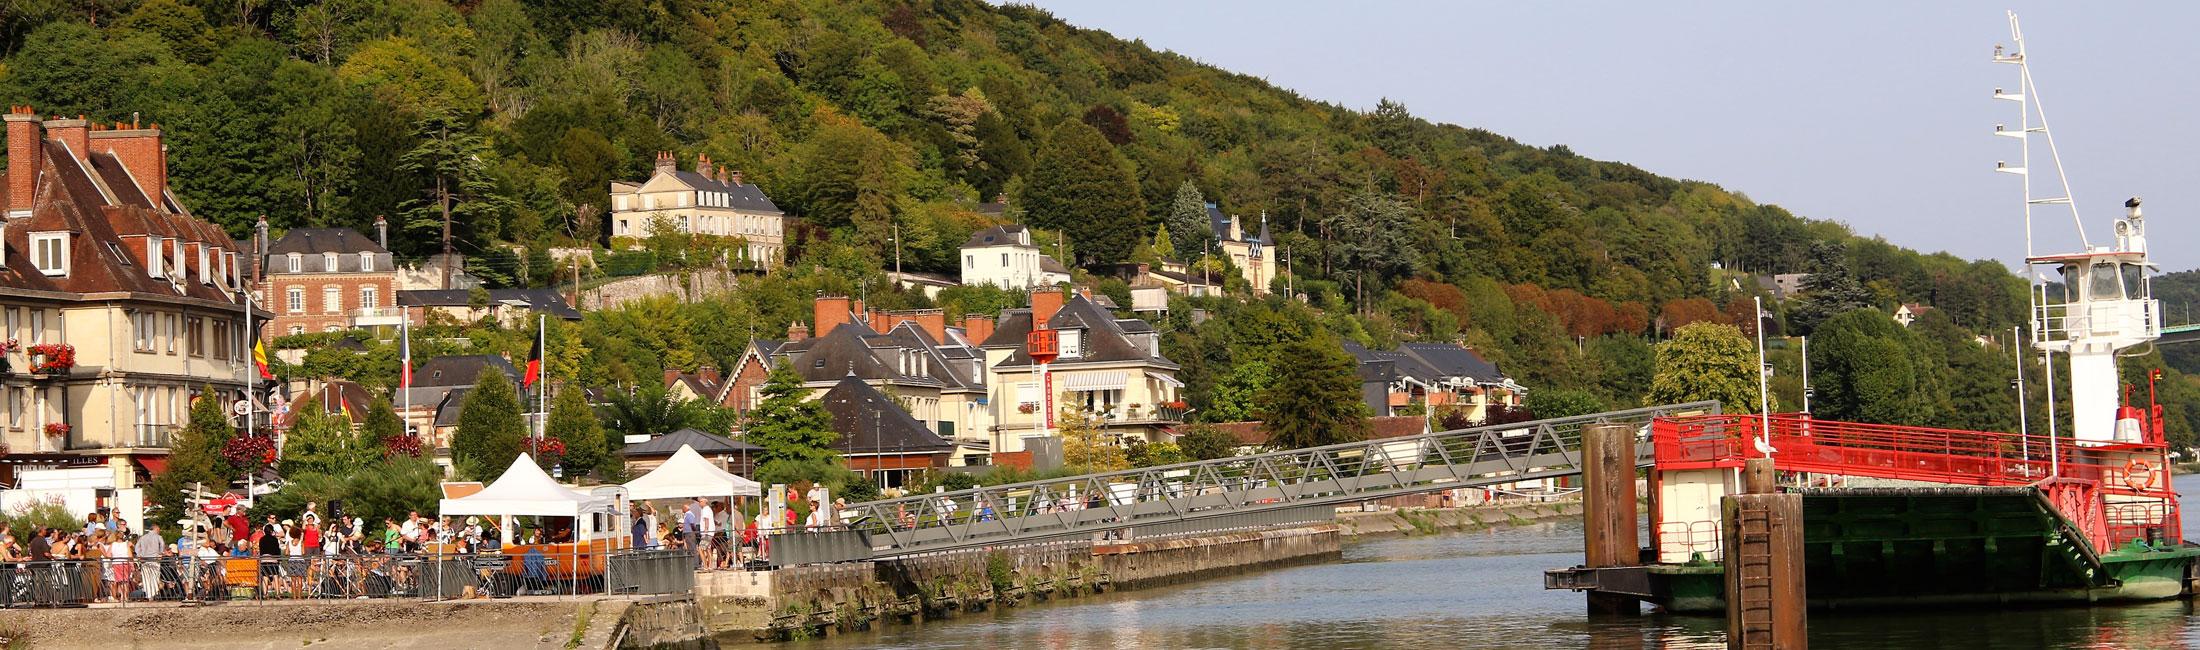 Bienvenue à Rives-en-Seine